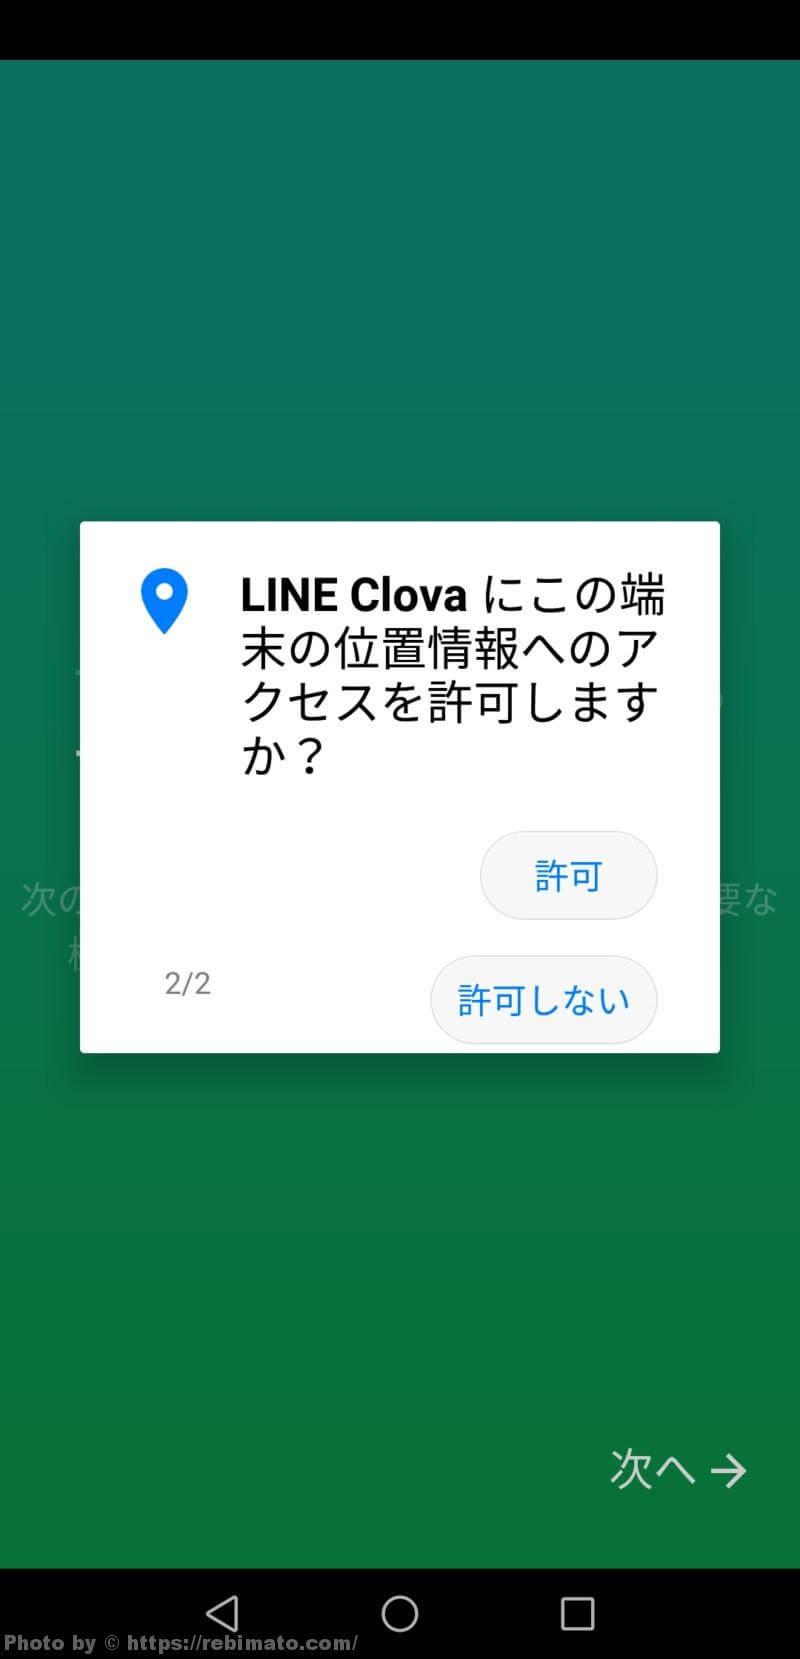 LINE Clova